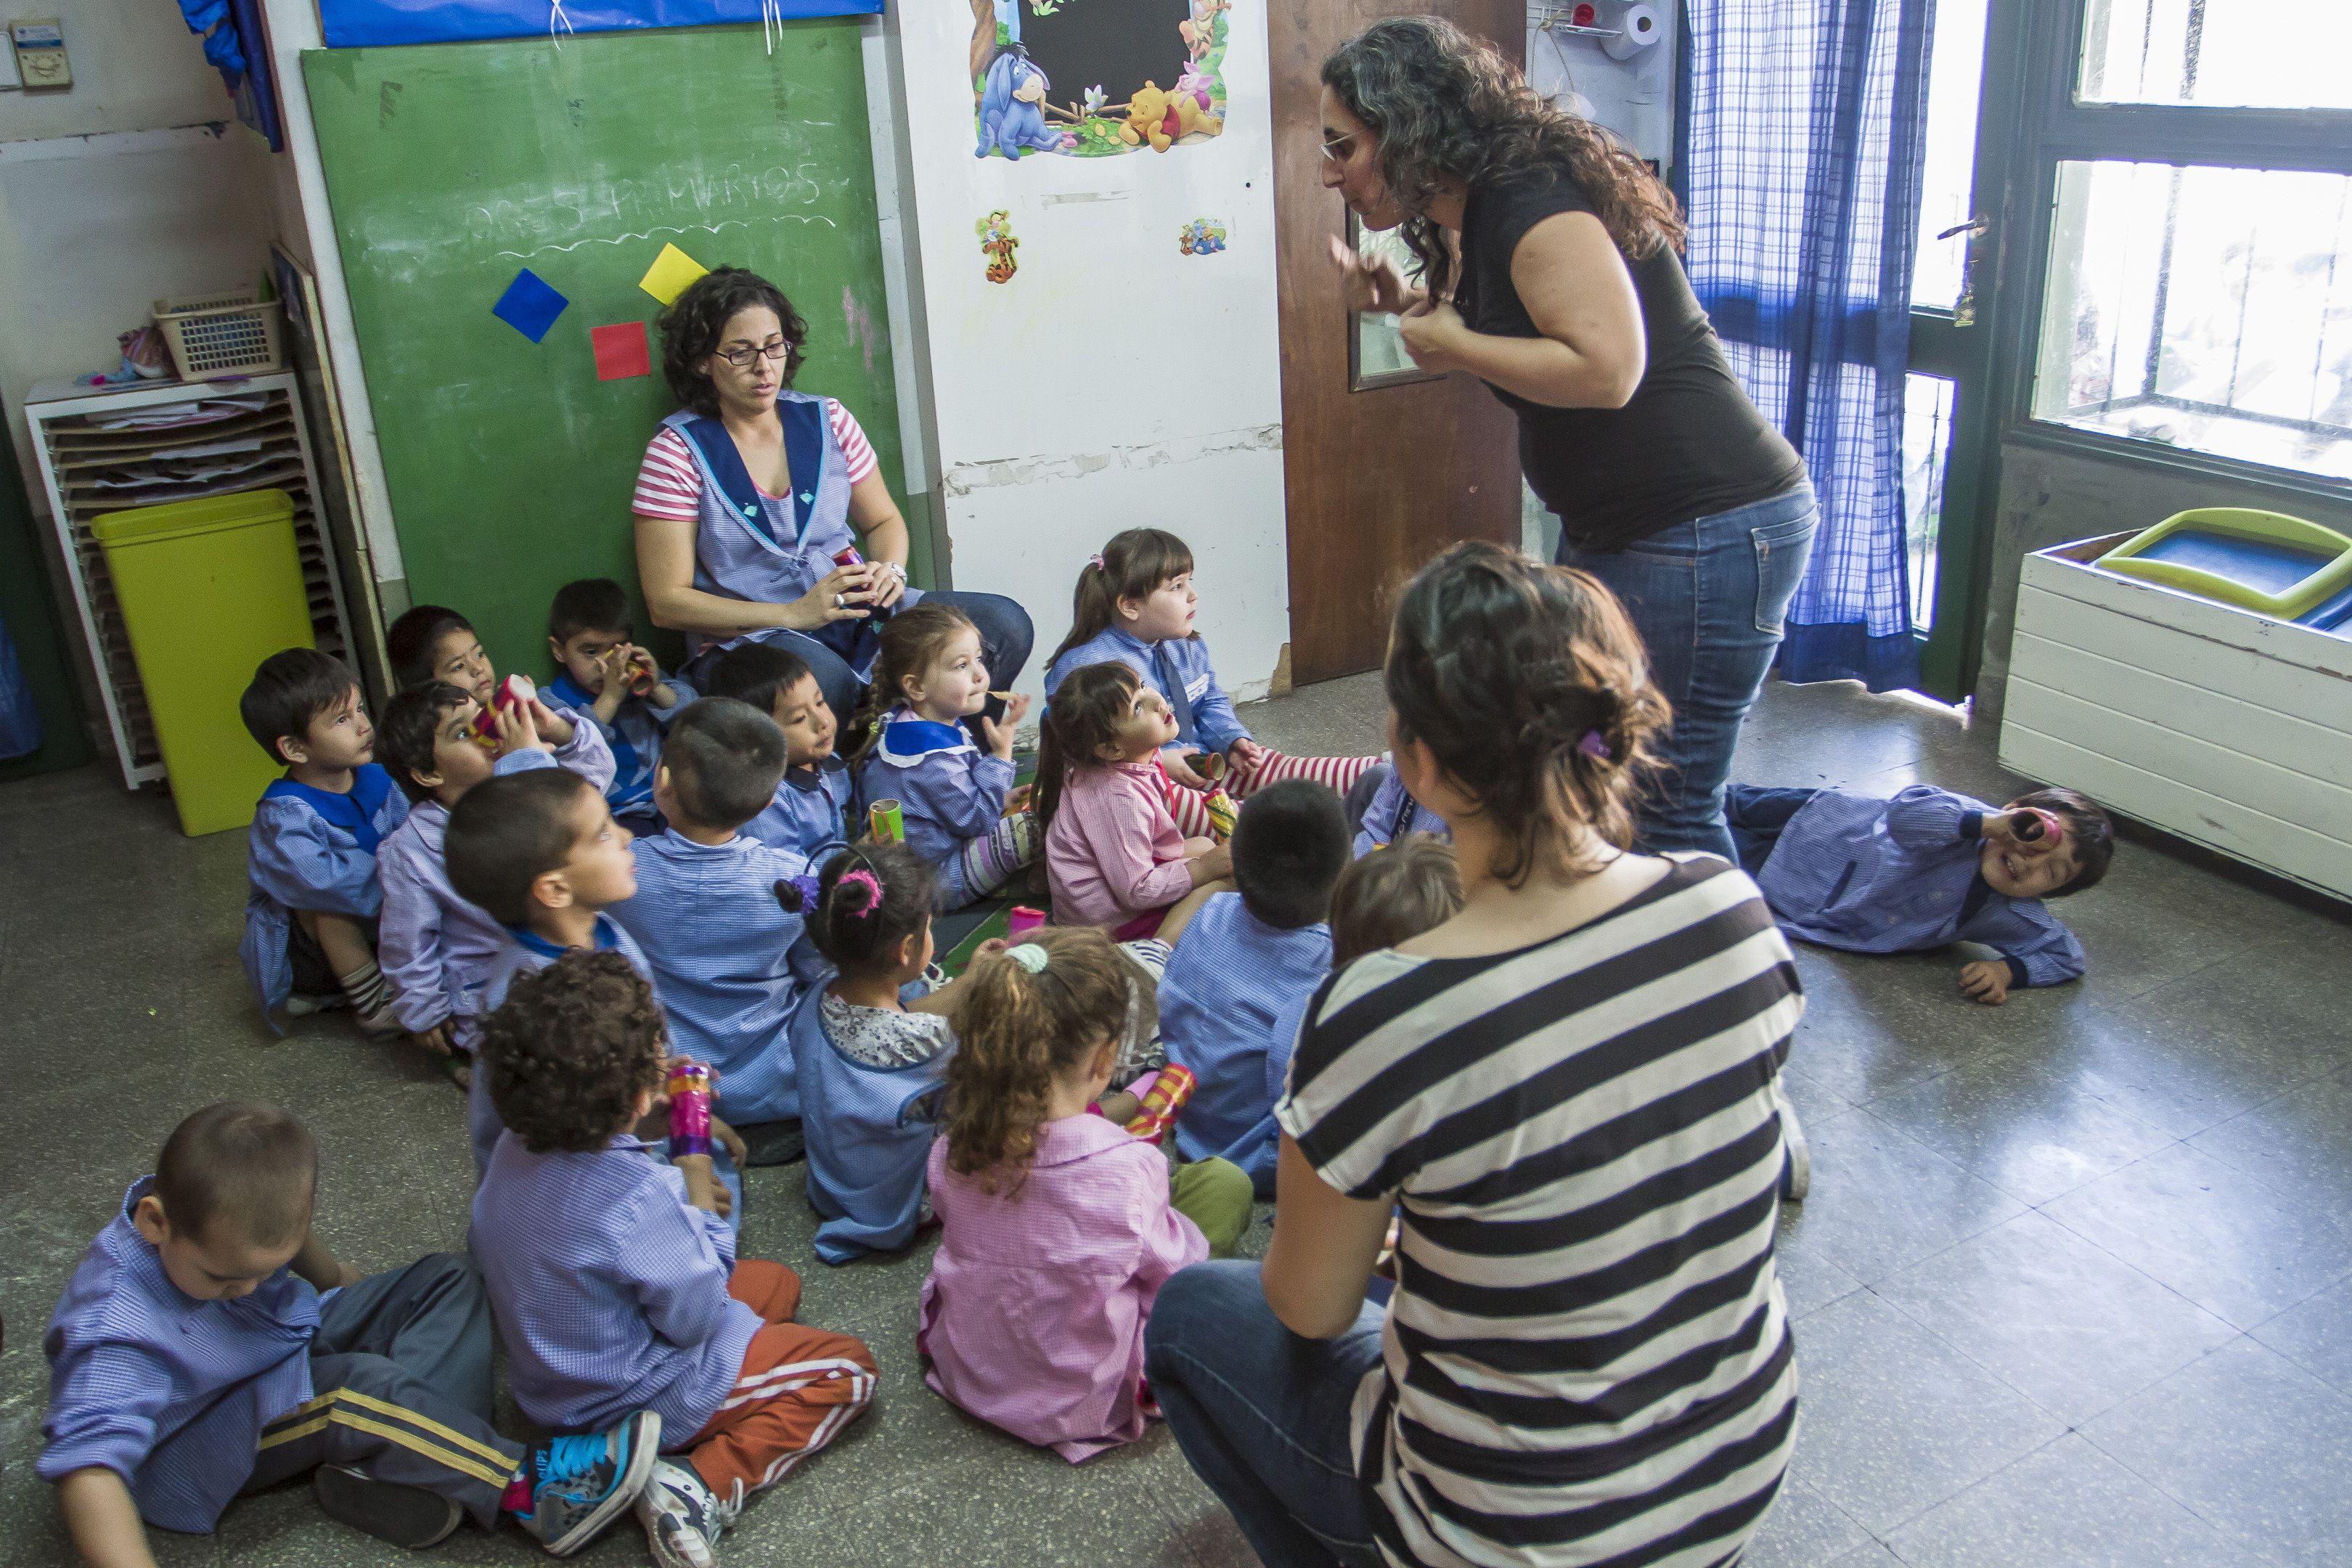 Adiós a las niñeras: se viene el jardín obligatorio desde los 3 años